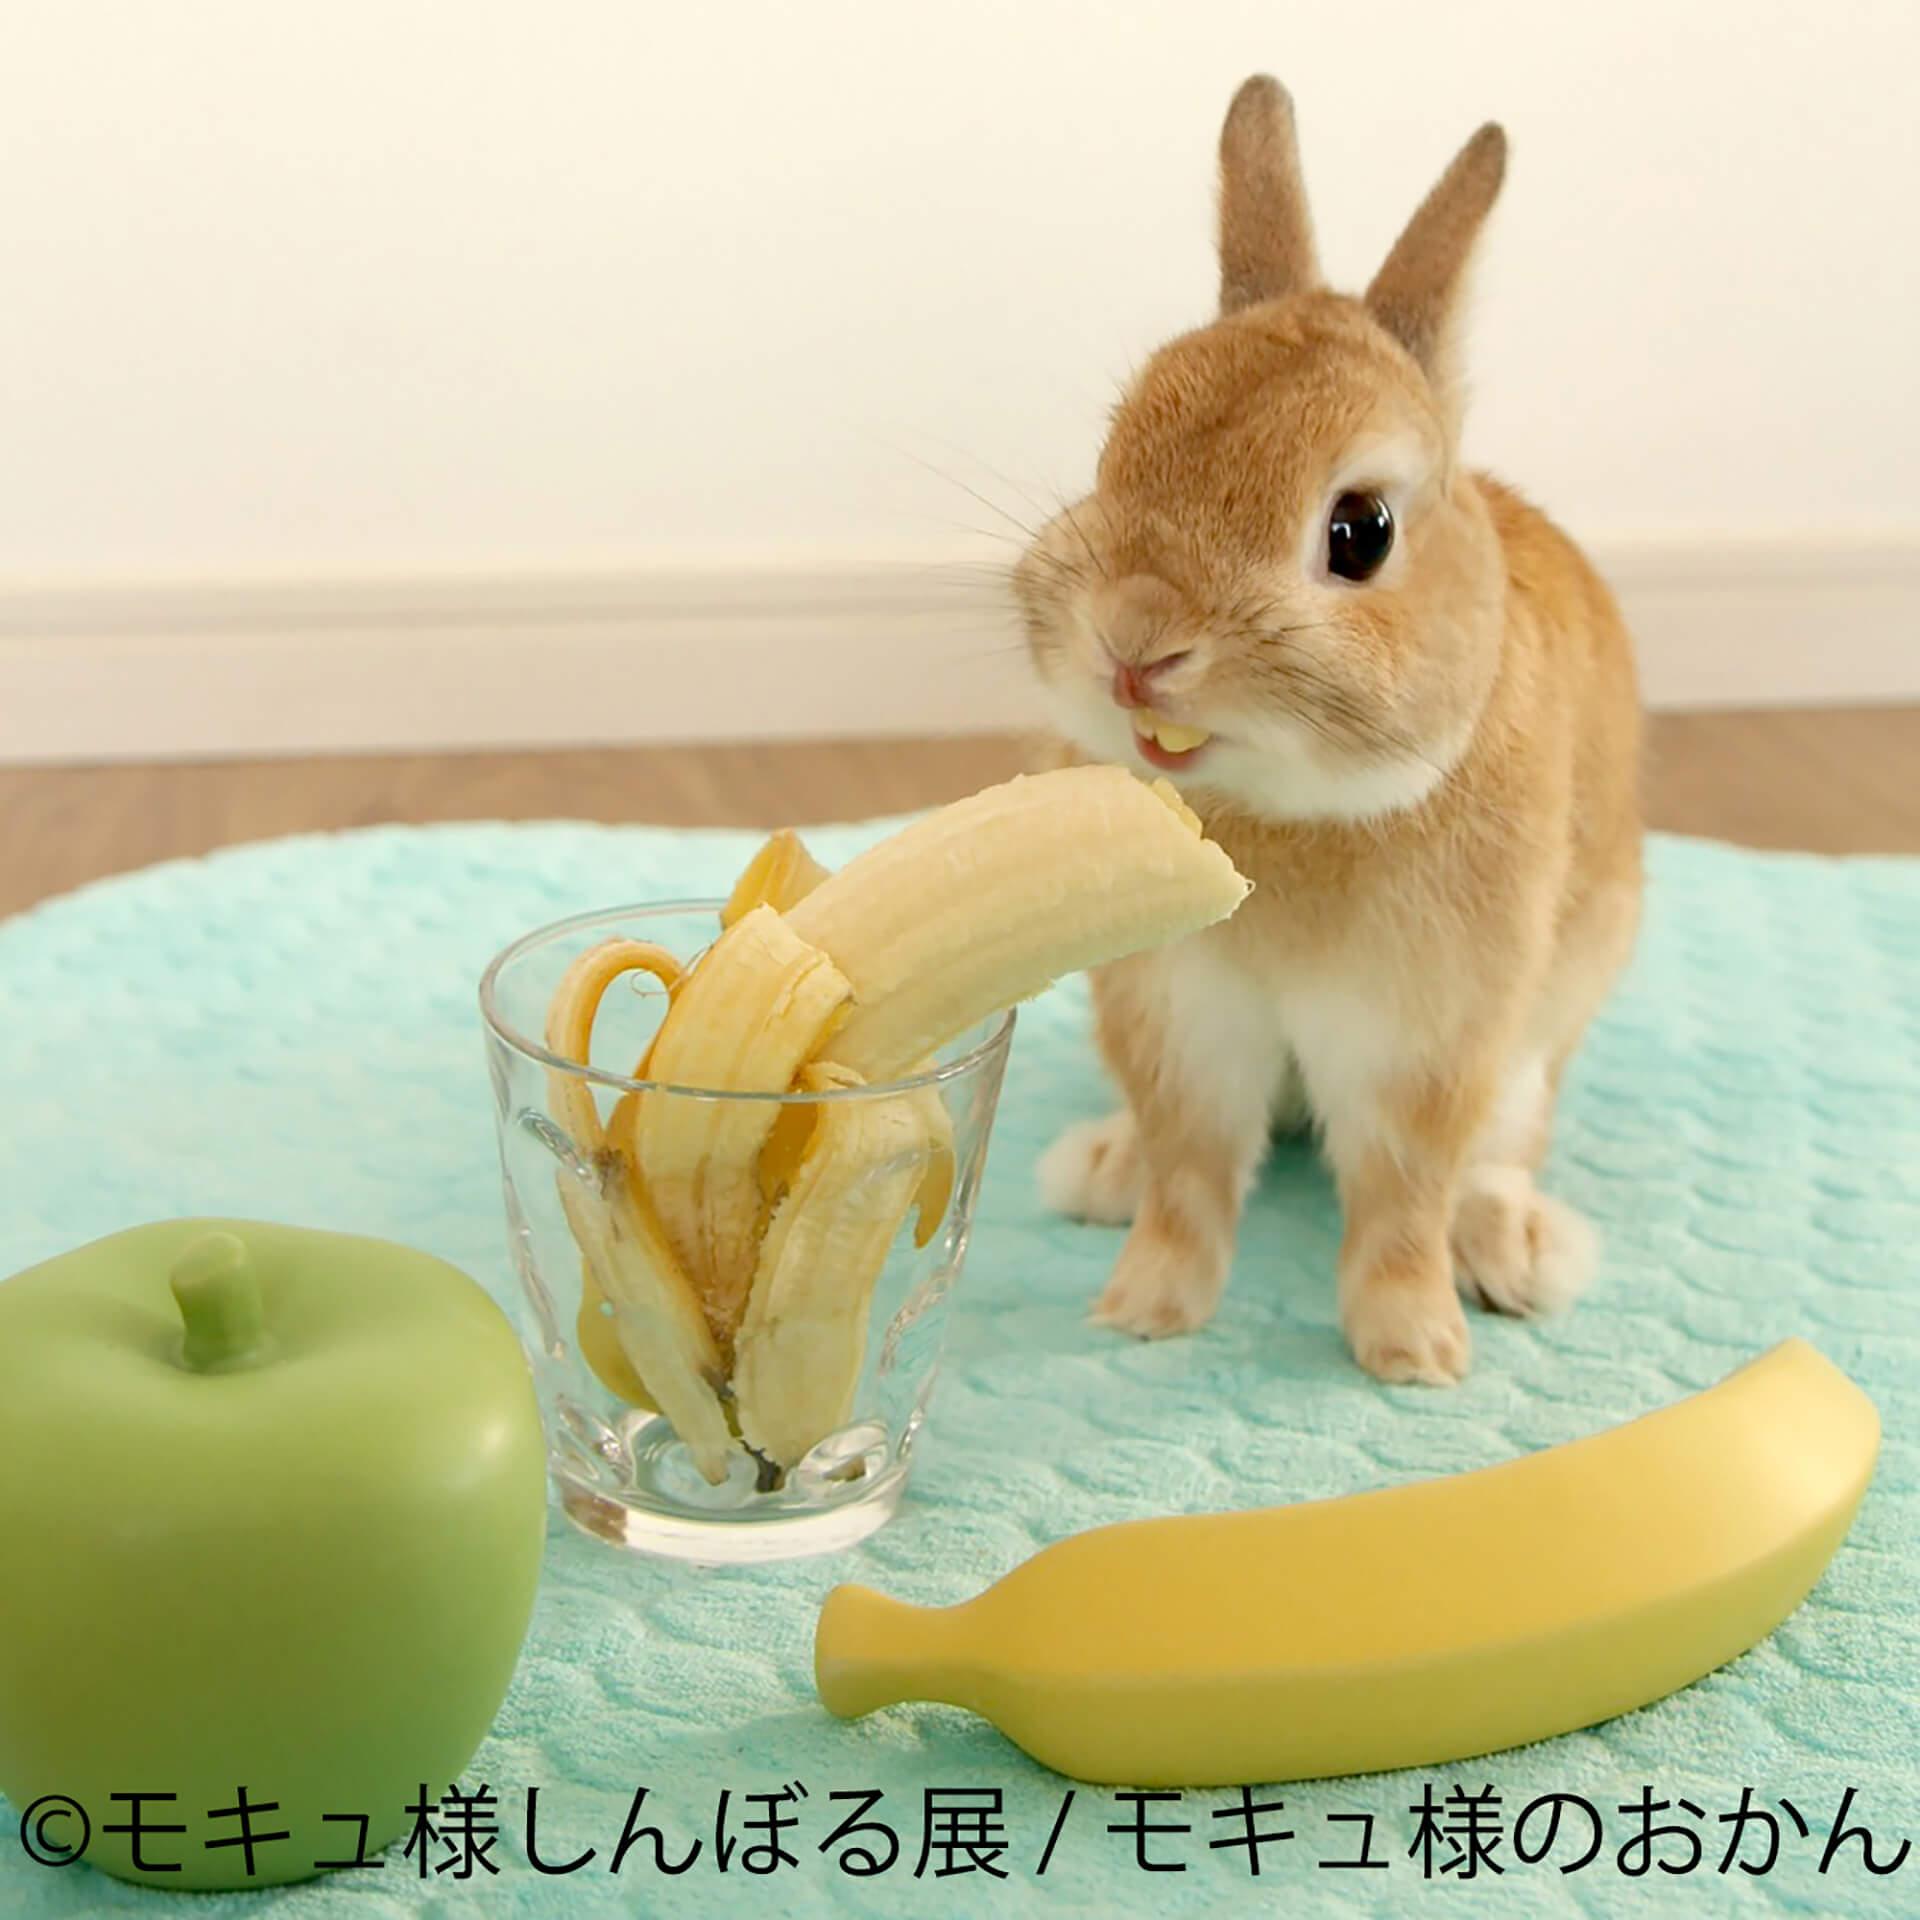 この写真はモキュ様しんぼる展の展示作品でモキュ様がバナナを食しています